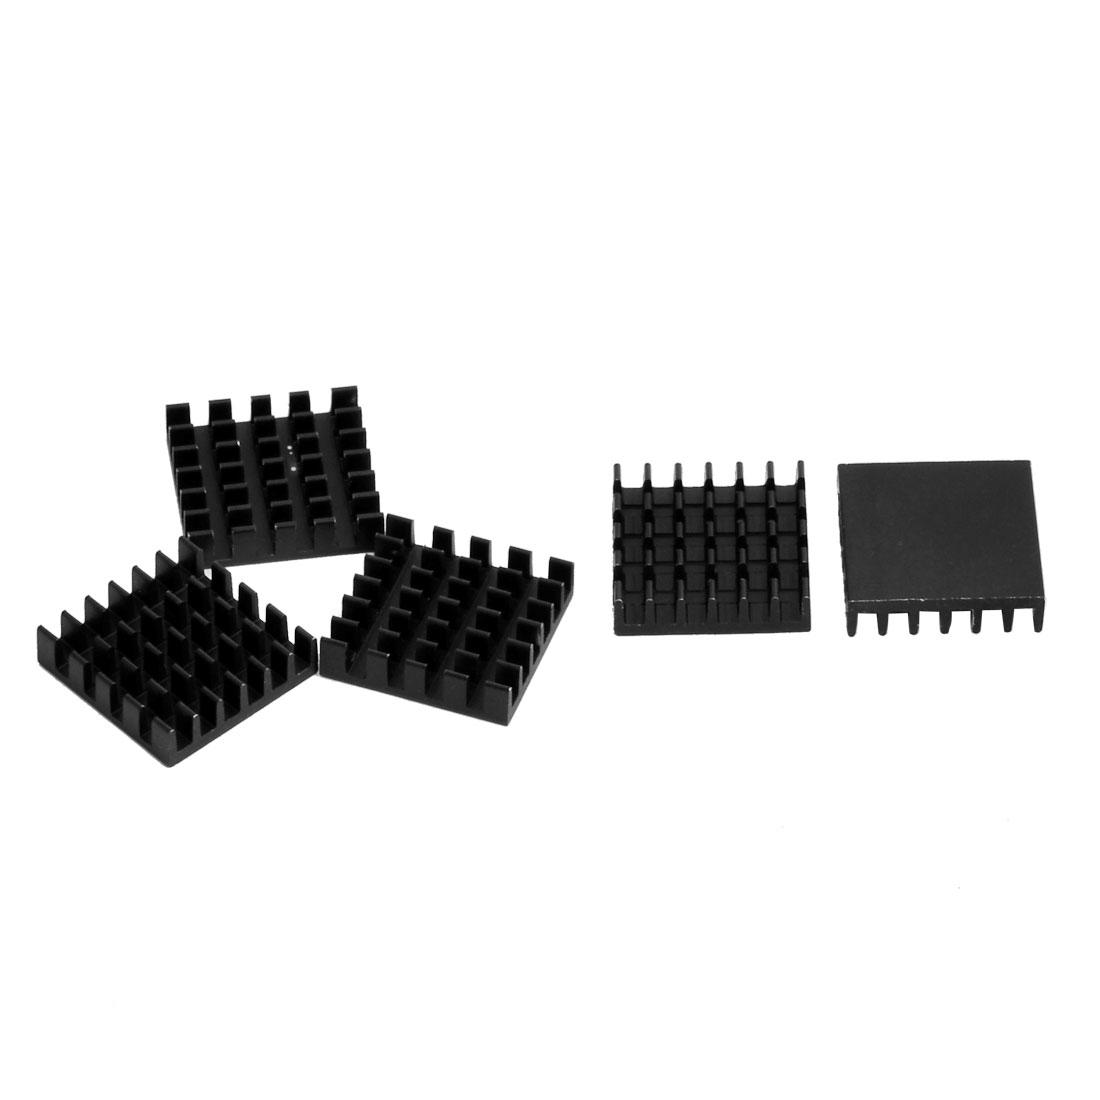 Aluminium Heat Diffuse Cooling Fin Cooler Black 19mm x 19mm x 5mm 5 Pcs